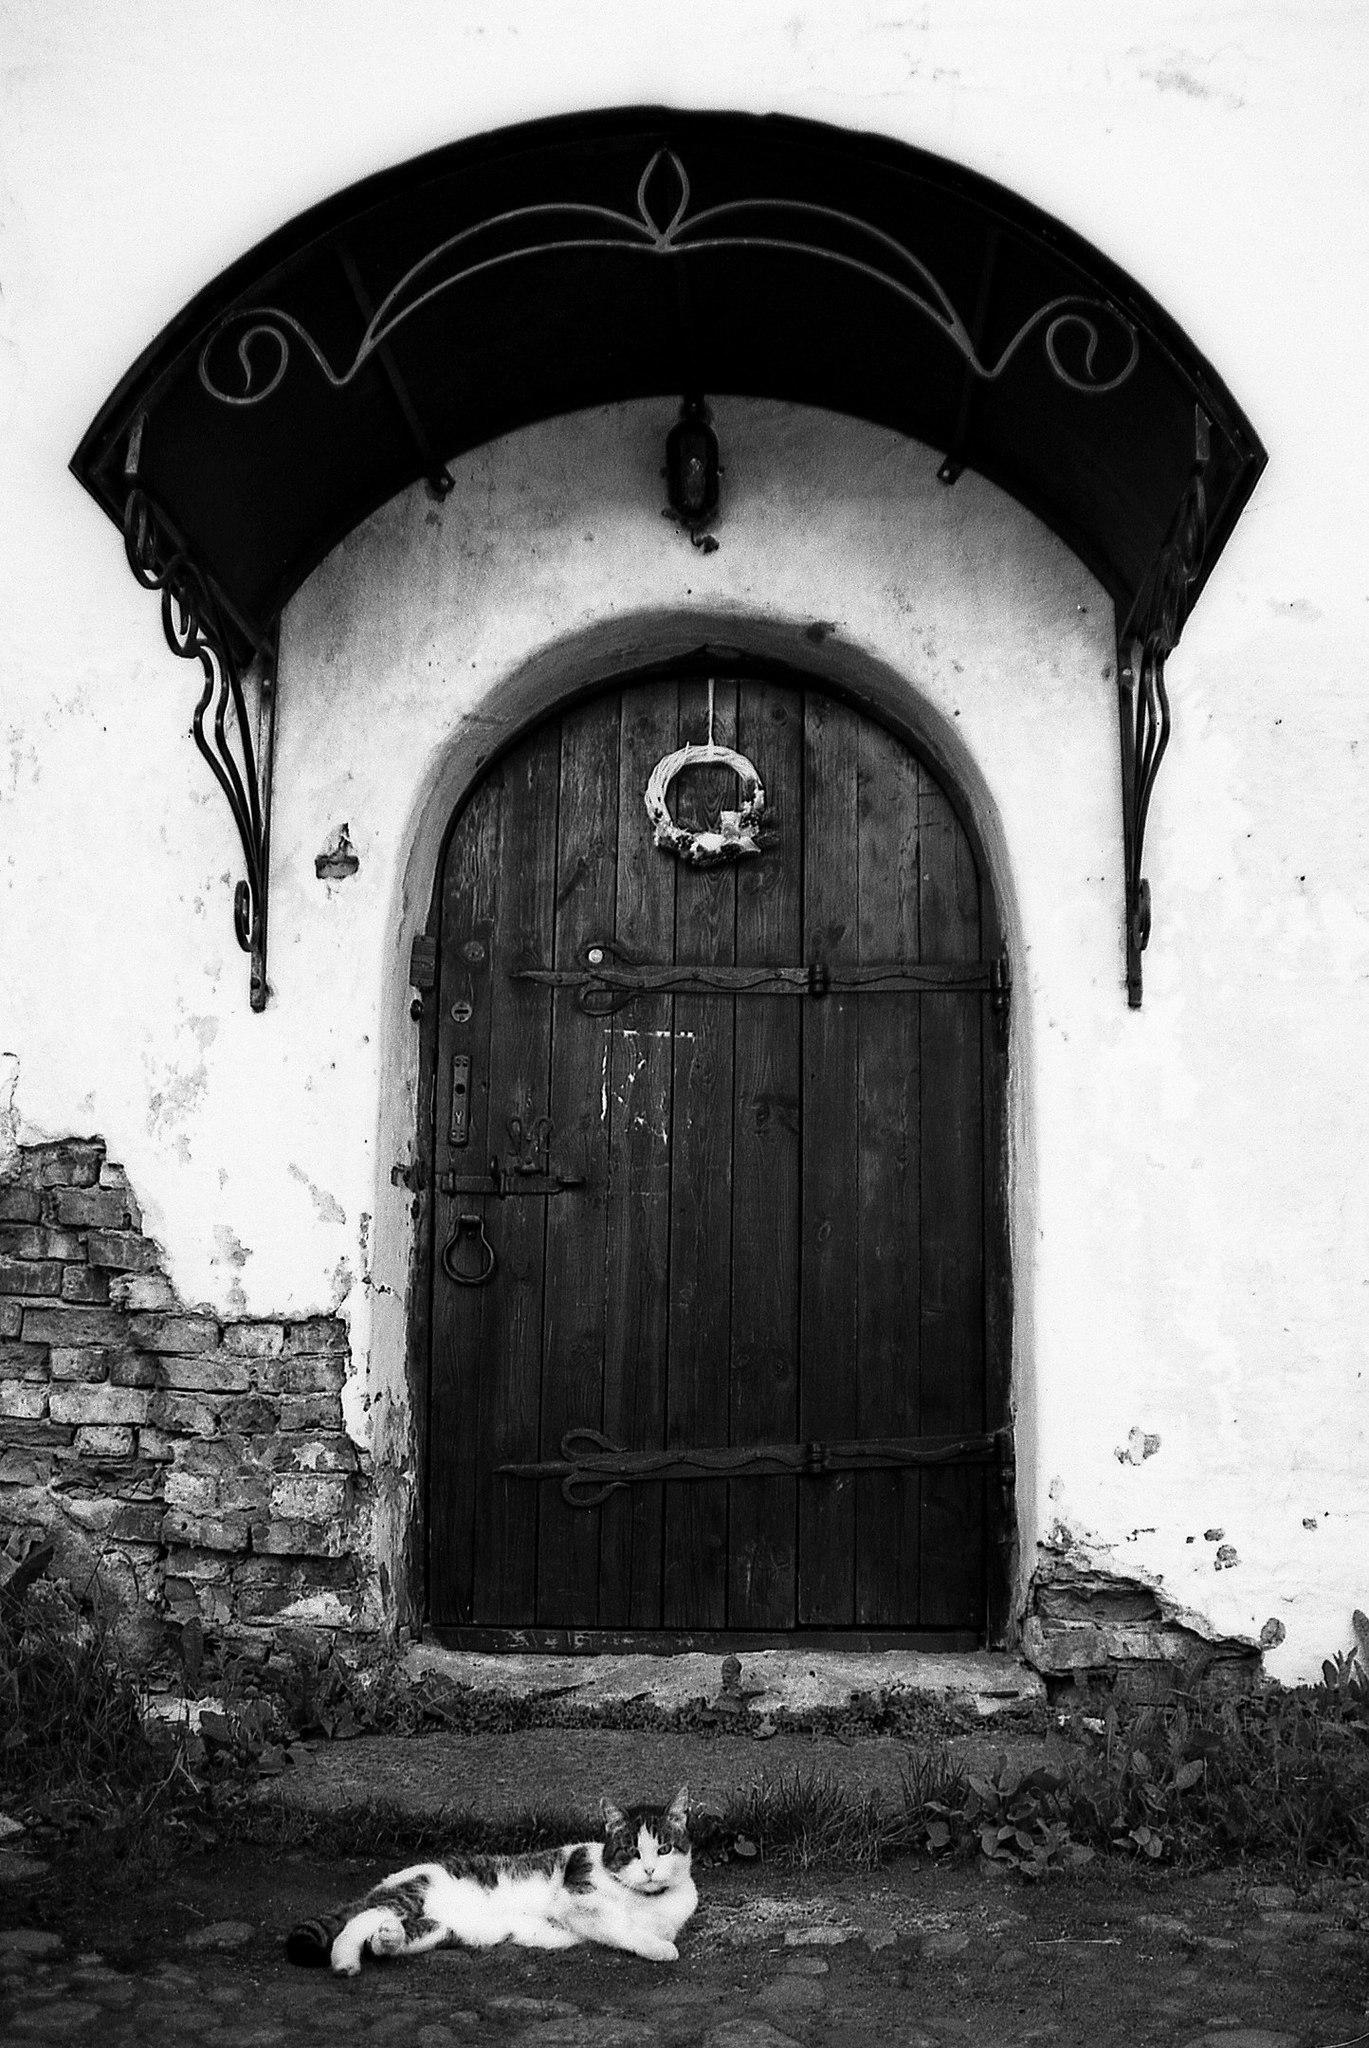 Фотопленка Silberra ULTIMA 100